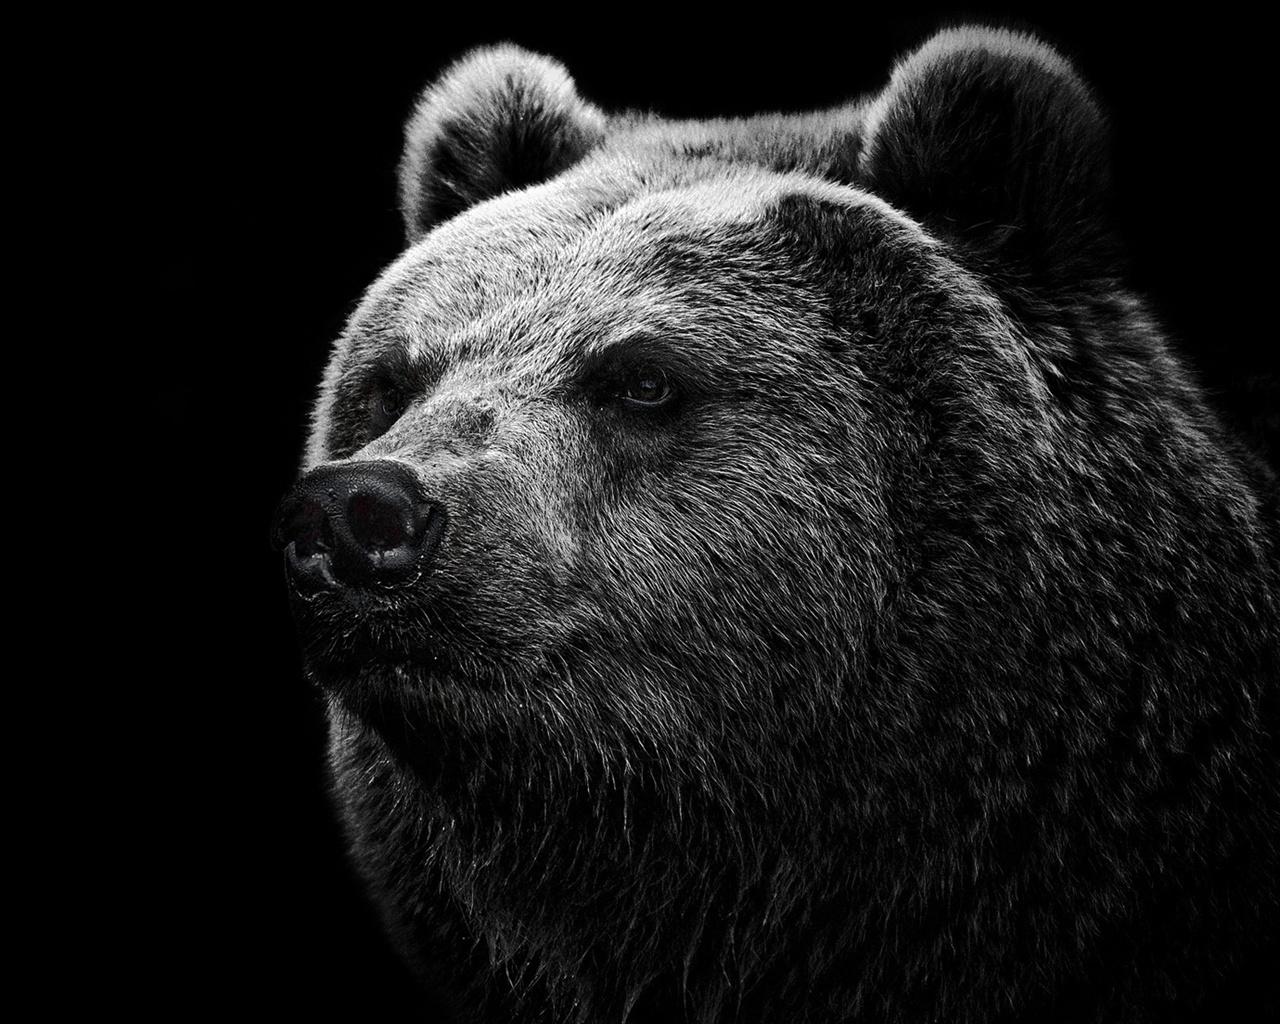 壁紙 黒い背景黒クマ 1920x1200 HD 無料のデスクトップの背景, 画像